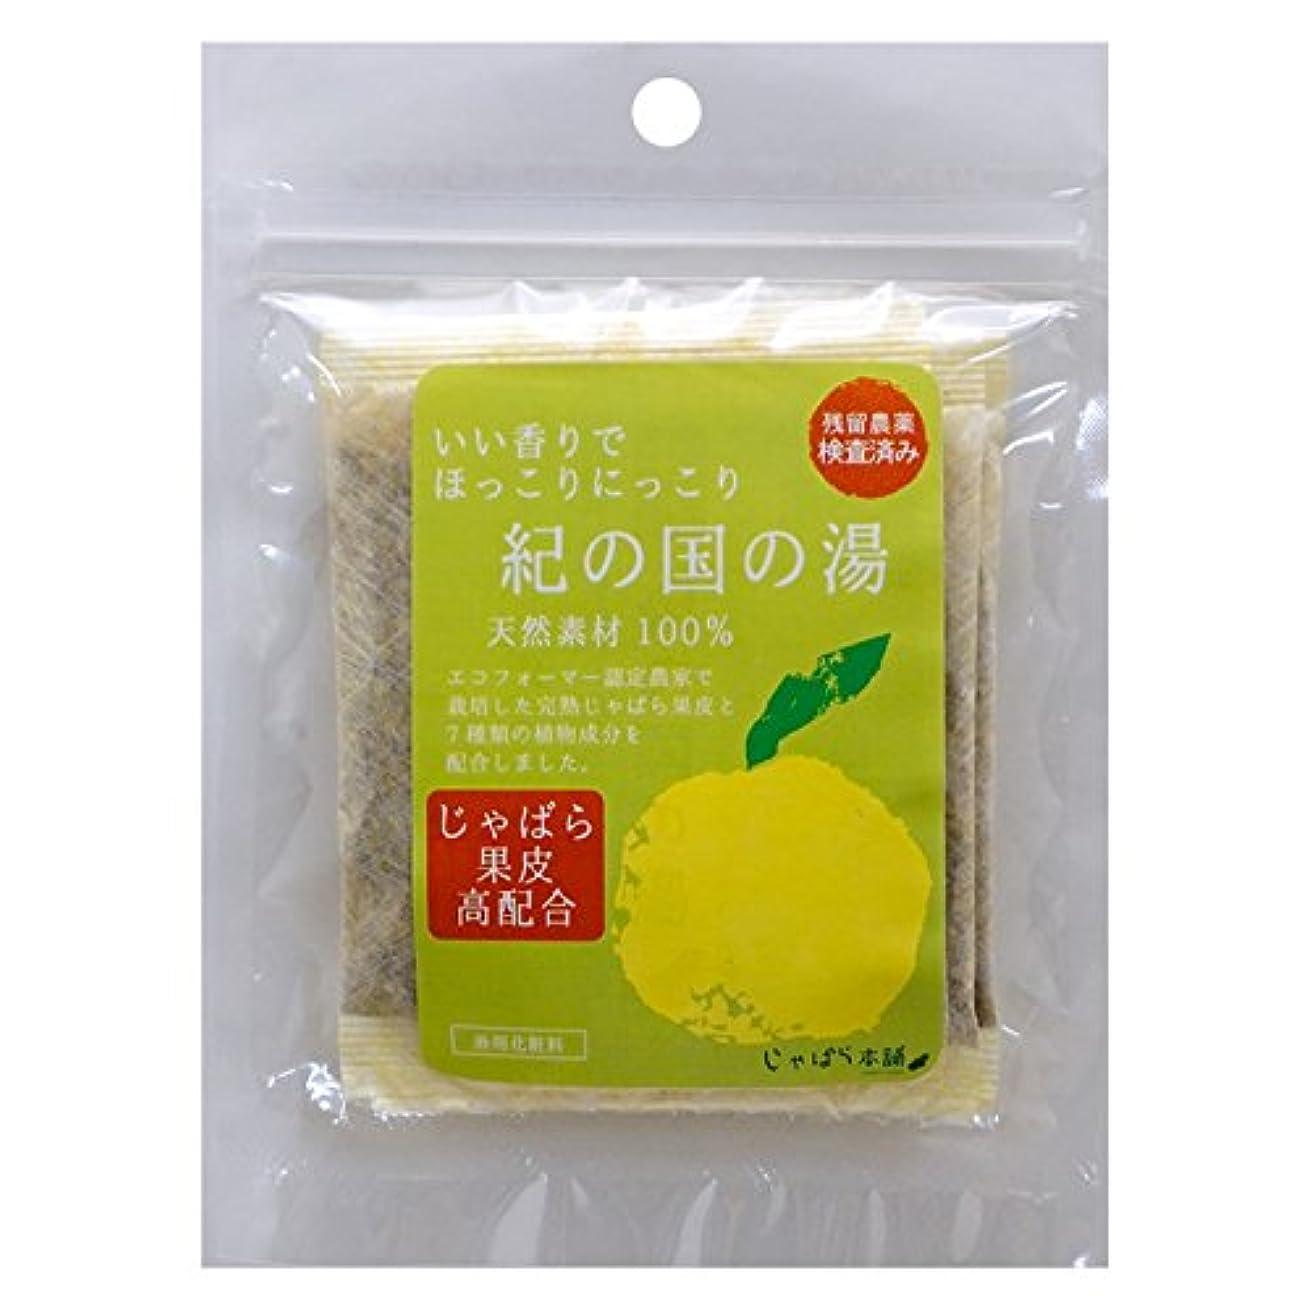 芝生圧縮とても多くのじゃばら果皮入りの入浴剤 「紀の国の湯」 1袋(15g×3包入り)